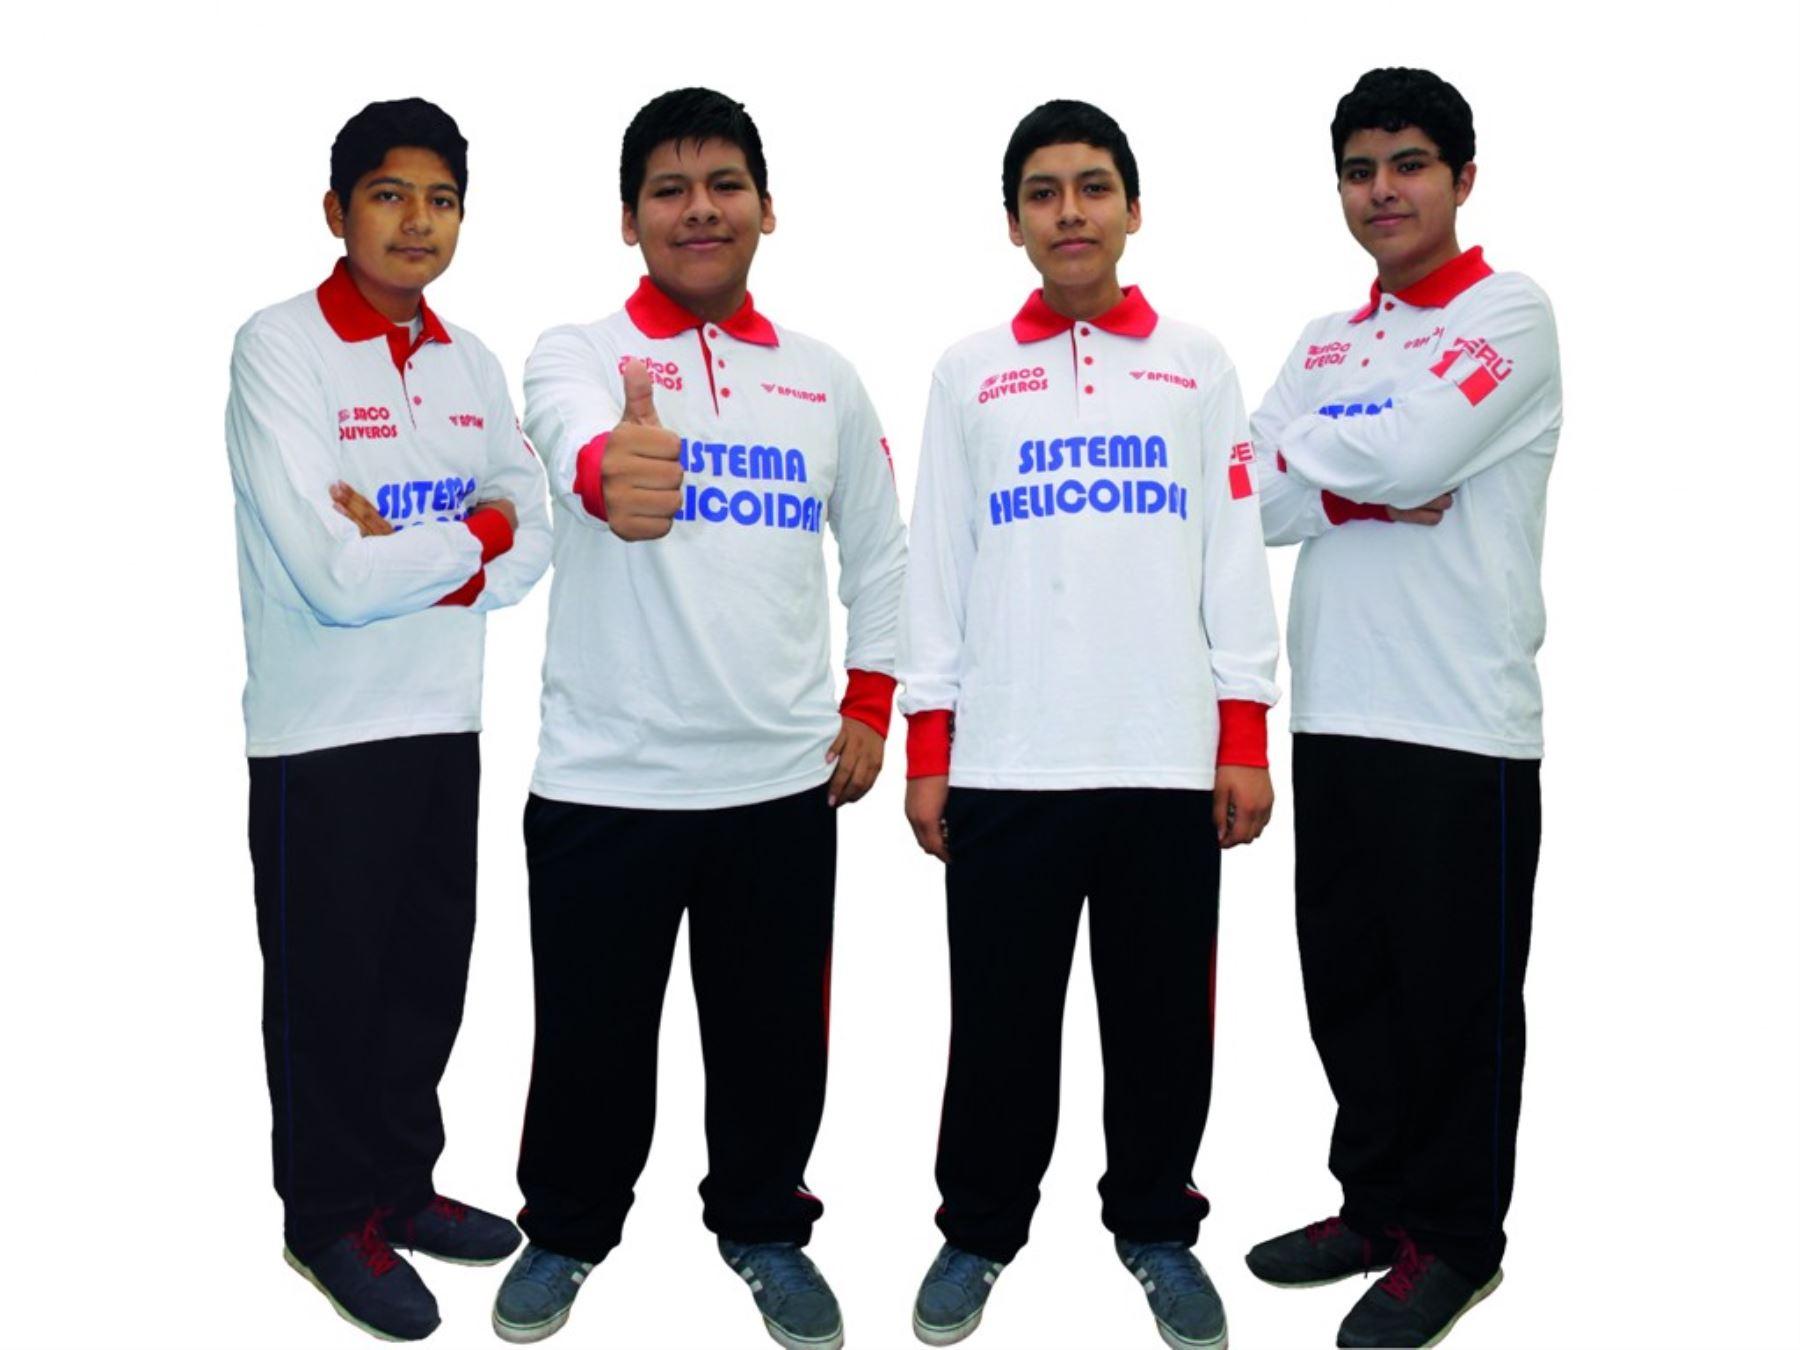 Escolares peruanos se coronaron campeones en Olimpiada Sudamericana Escolar de Matemática con puntaje perfecto. Foto: ANDINA/Difusión.